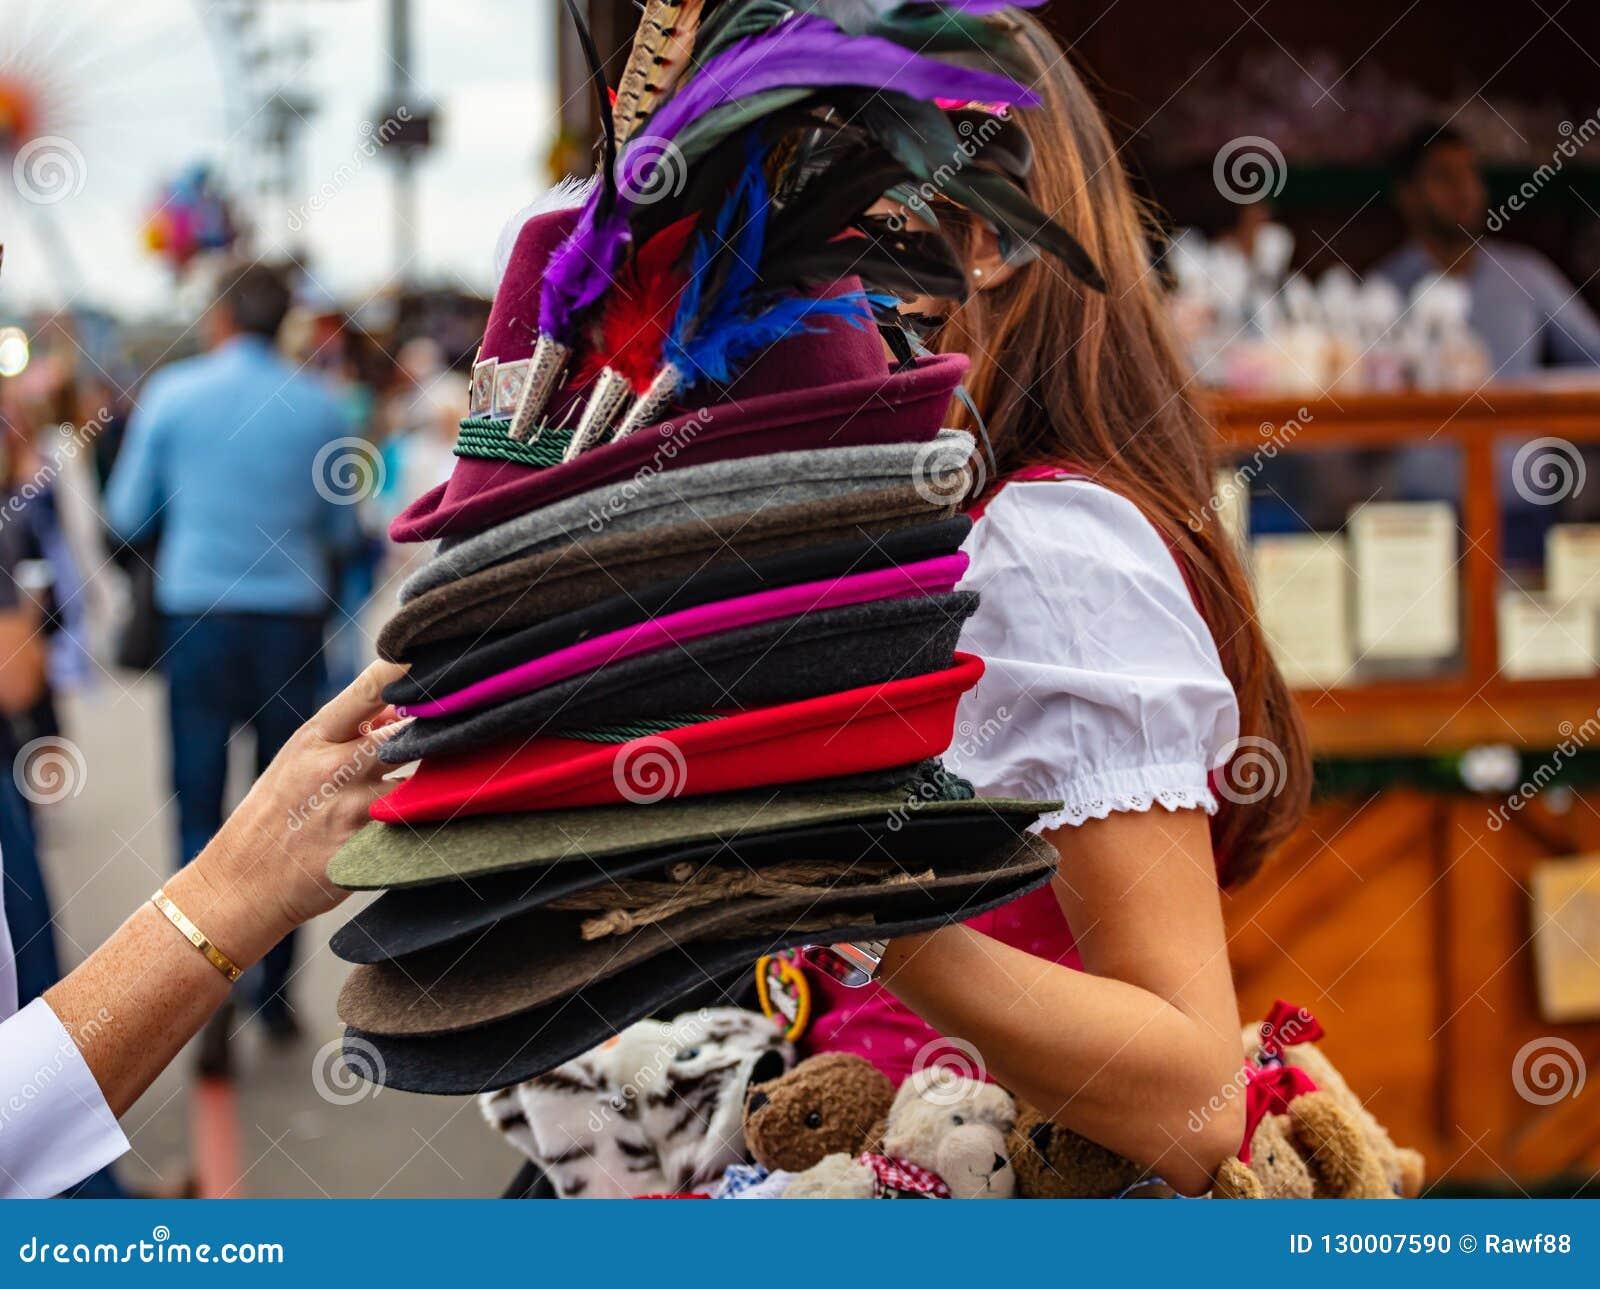 拿着堆传统帽子的tyrolean服装的少女,慕尼黑啤酒节,慕尼黑,德国